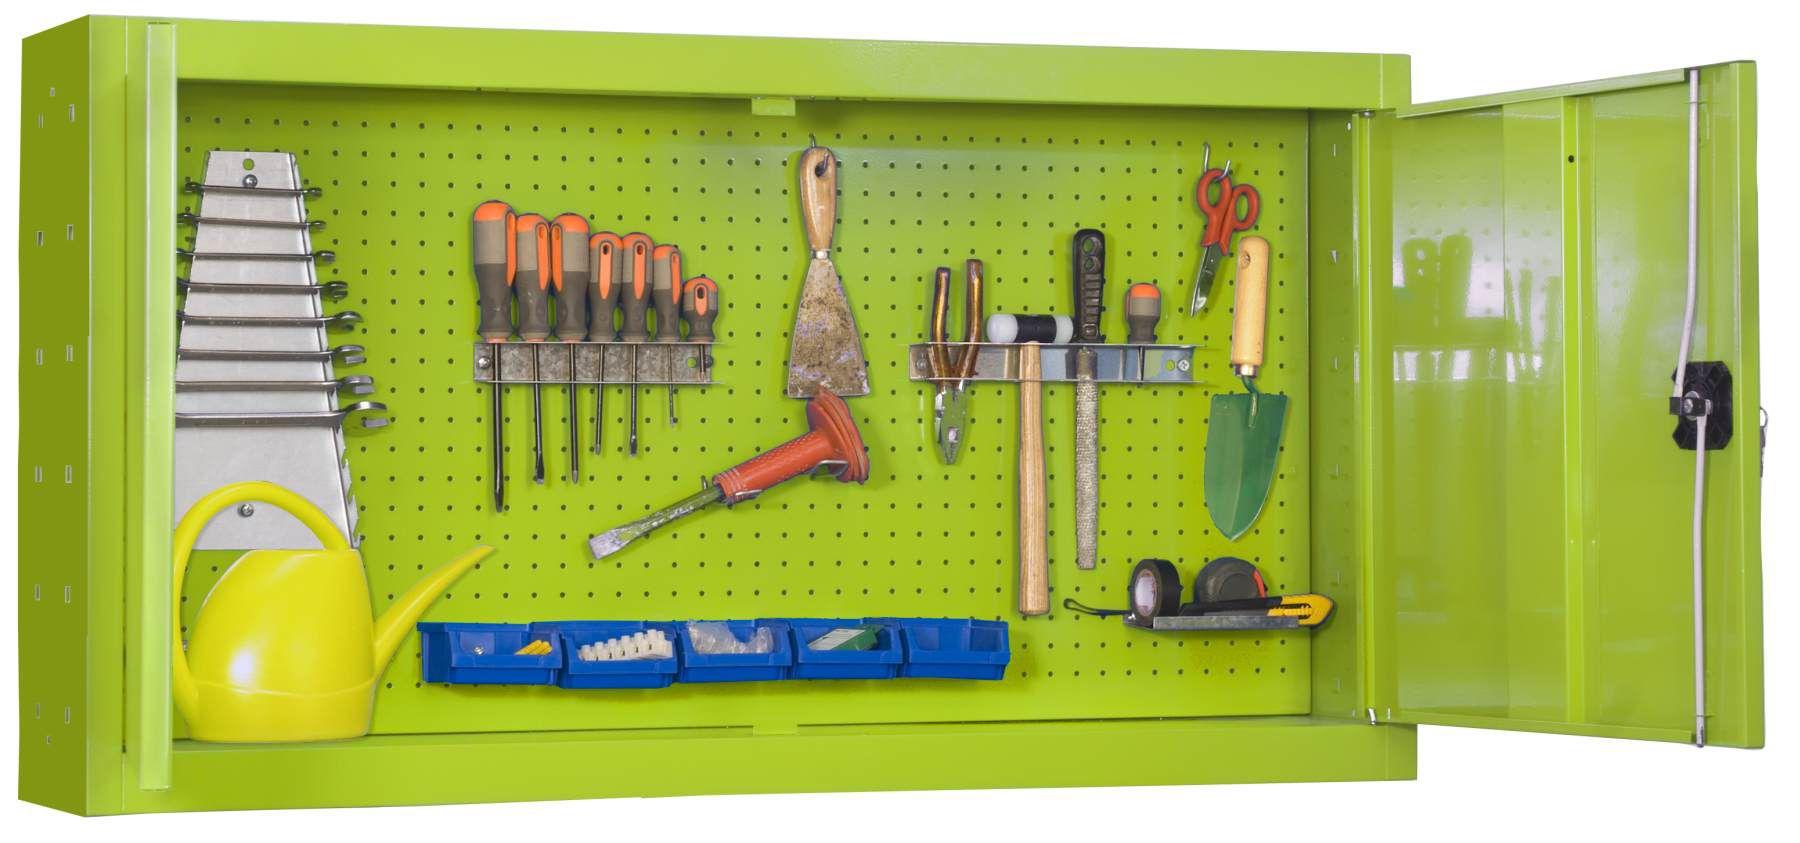 Werkzeugschrank Gartenschrank 1200, Maße: 67,50 x 120 x 23 cm (H x B x T), Traglast: 75 kg mit Lochwand